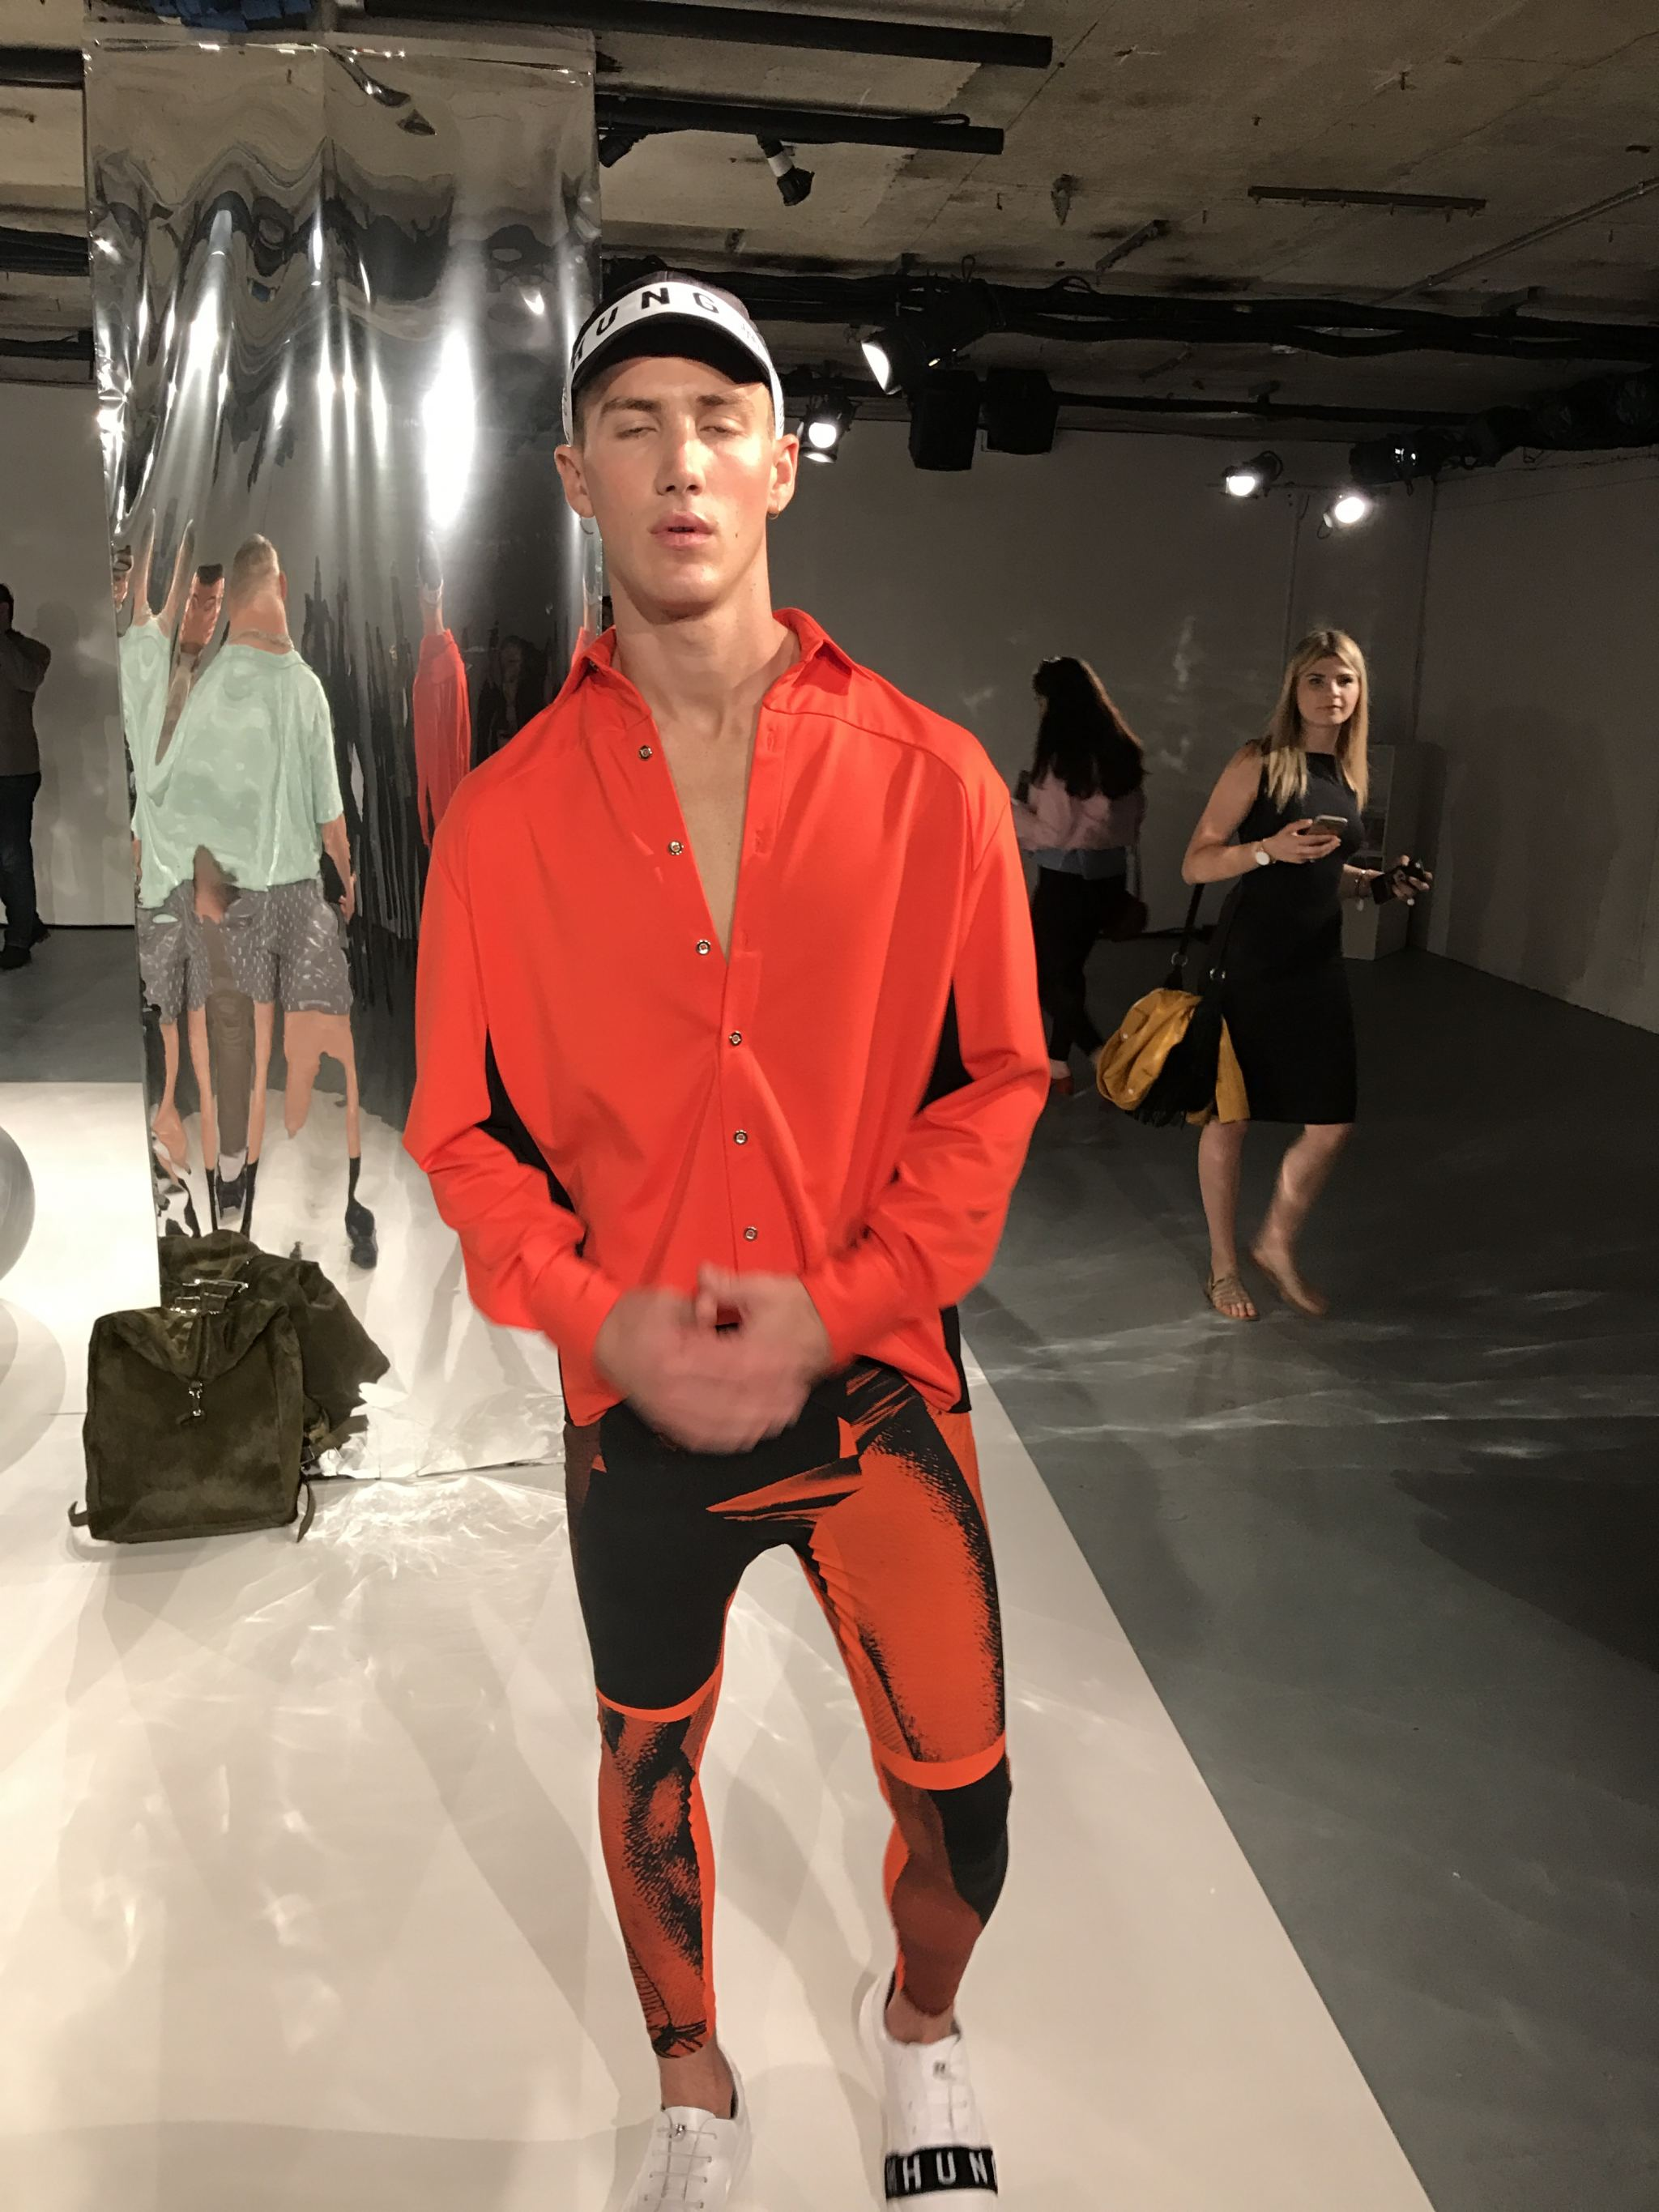 WAN HUNG London fashion week men's